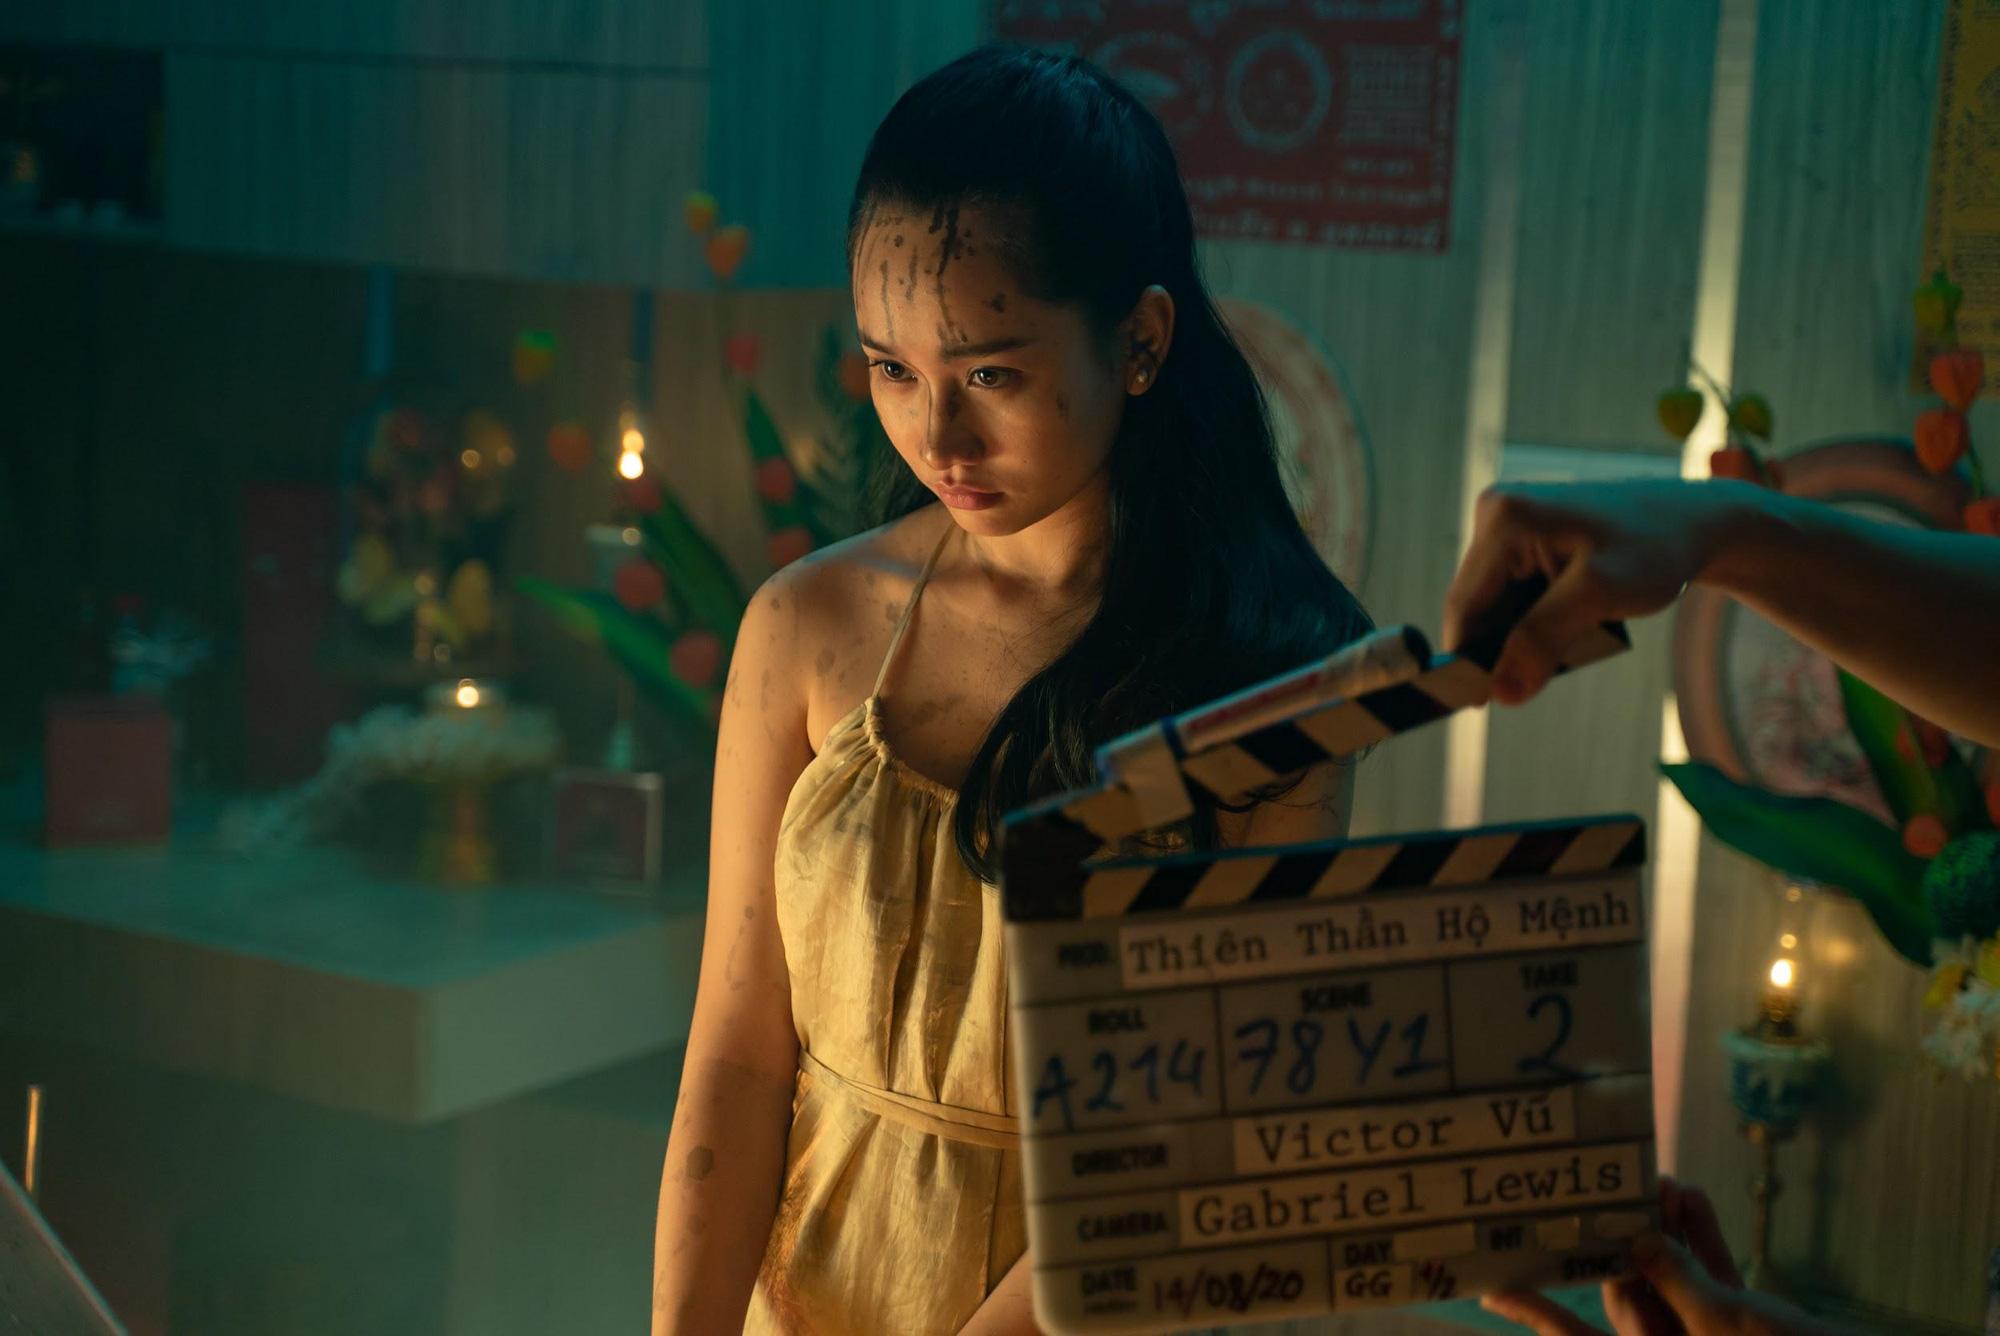 Đạo diễn Victor Vũ và nàng thơ Trúc Anh tiết lộ món ăn khoái khẩu trong thời gian quay Thiên Thần Hộ Mệnh - Ảnh 1.